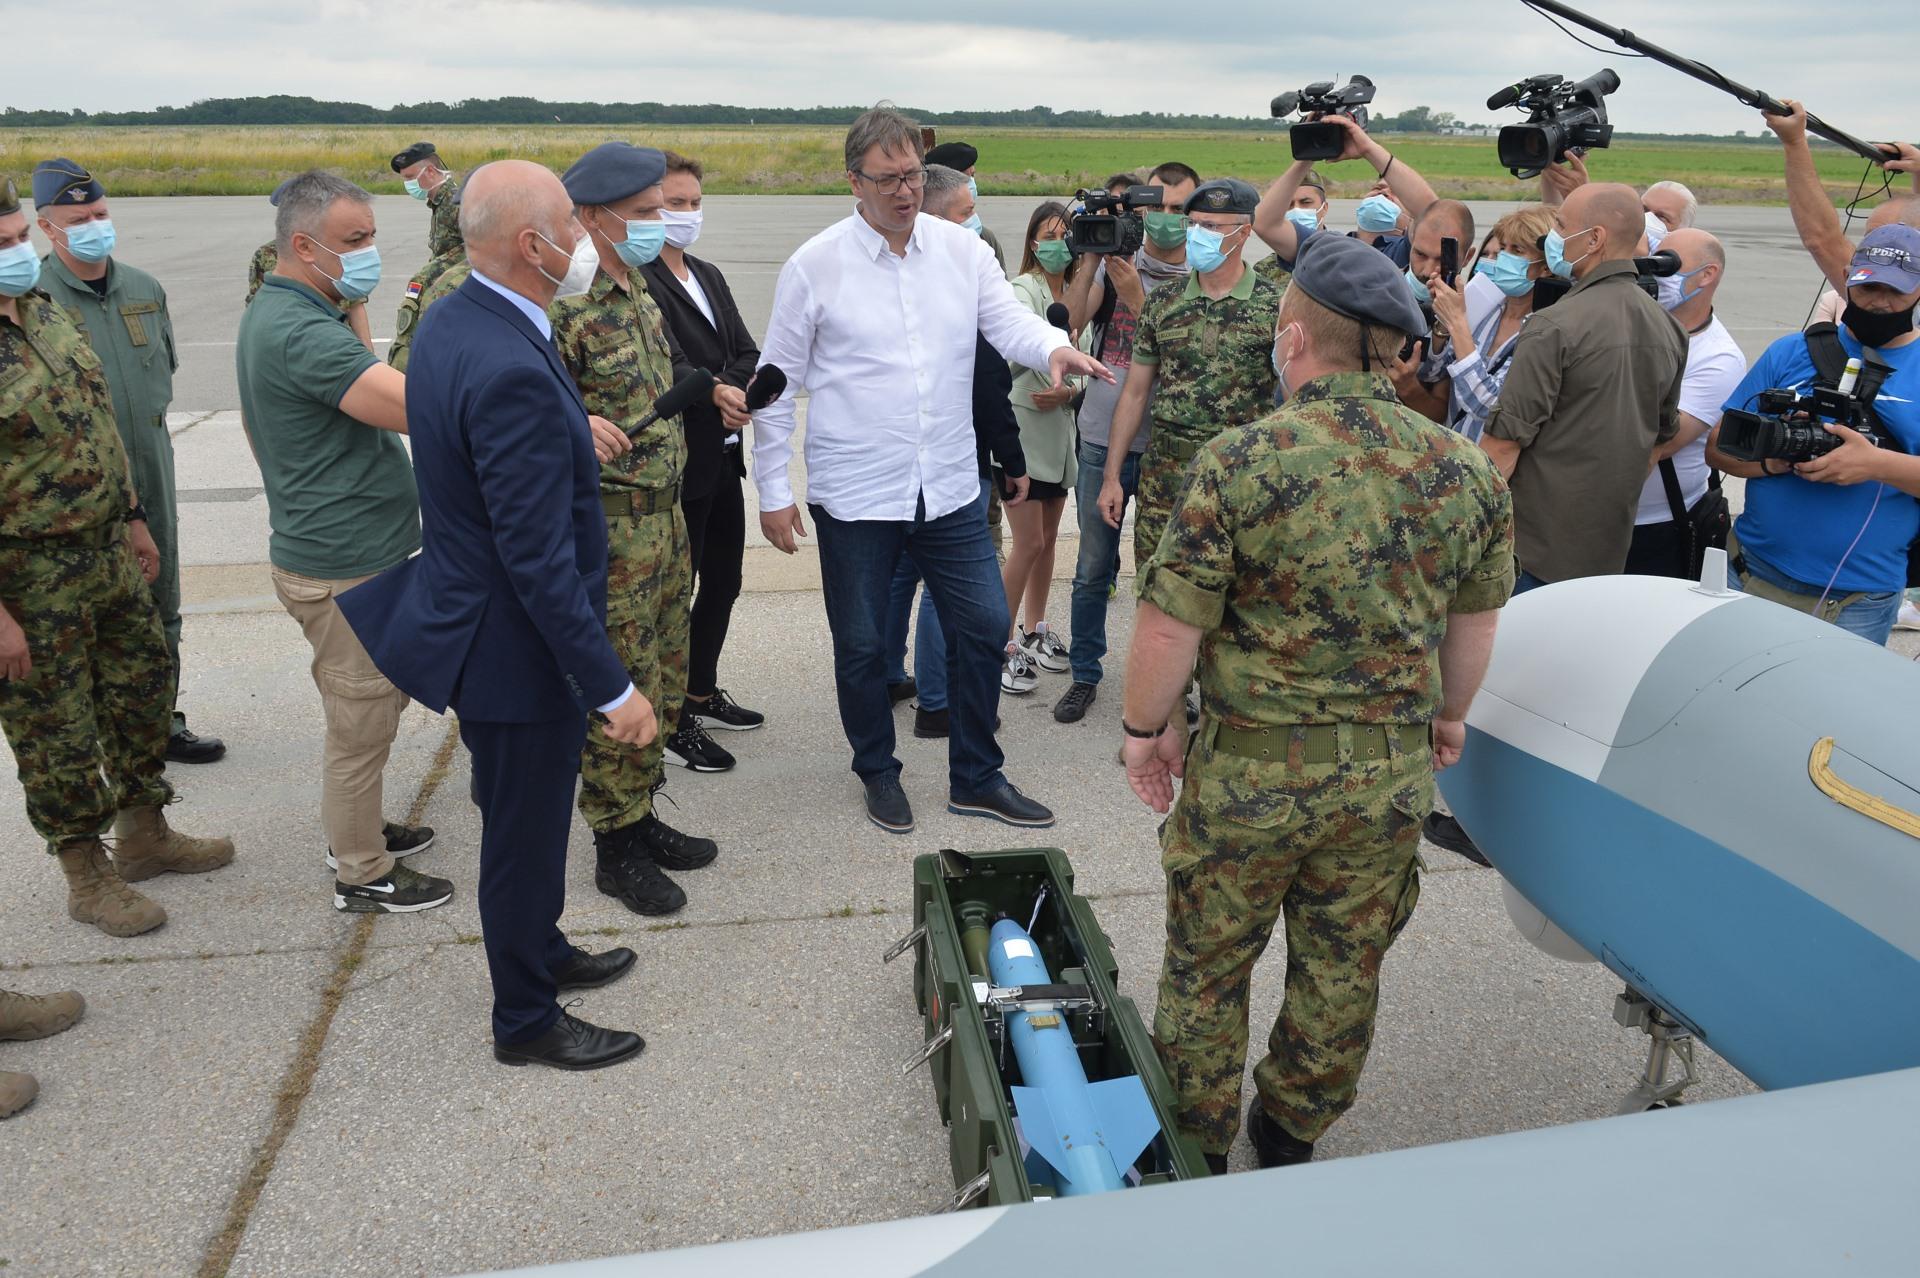 Vojska Srbije mnogostruko snaznija nego ranije